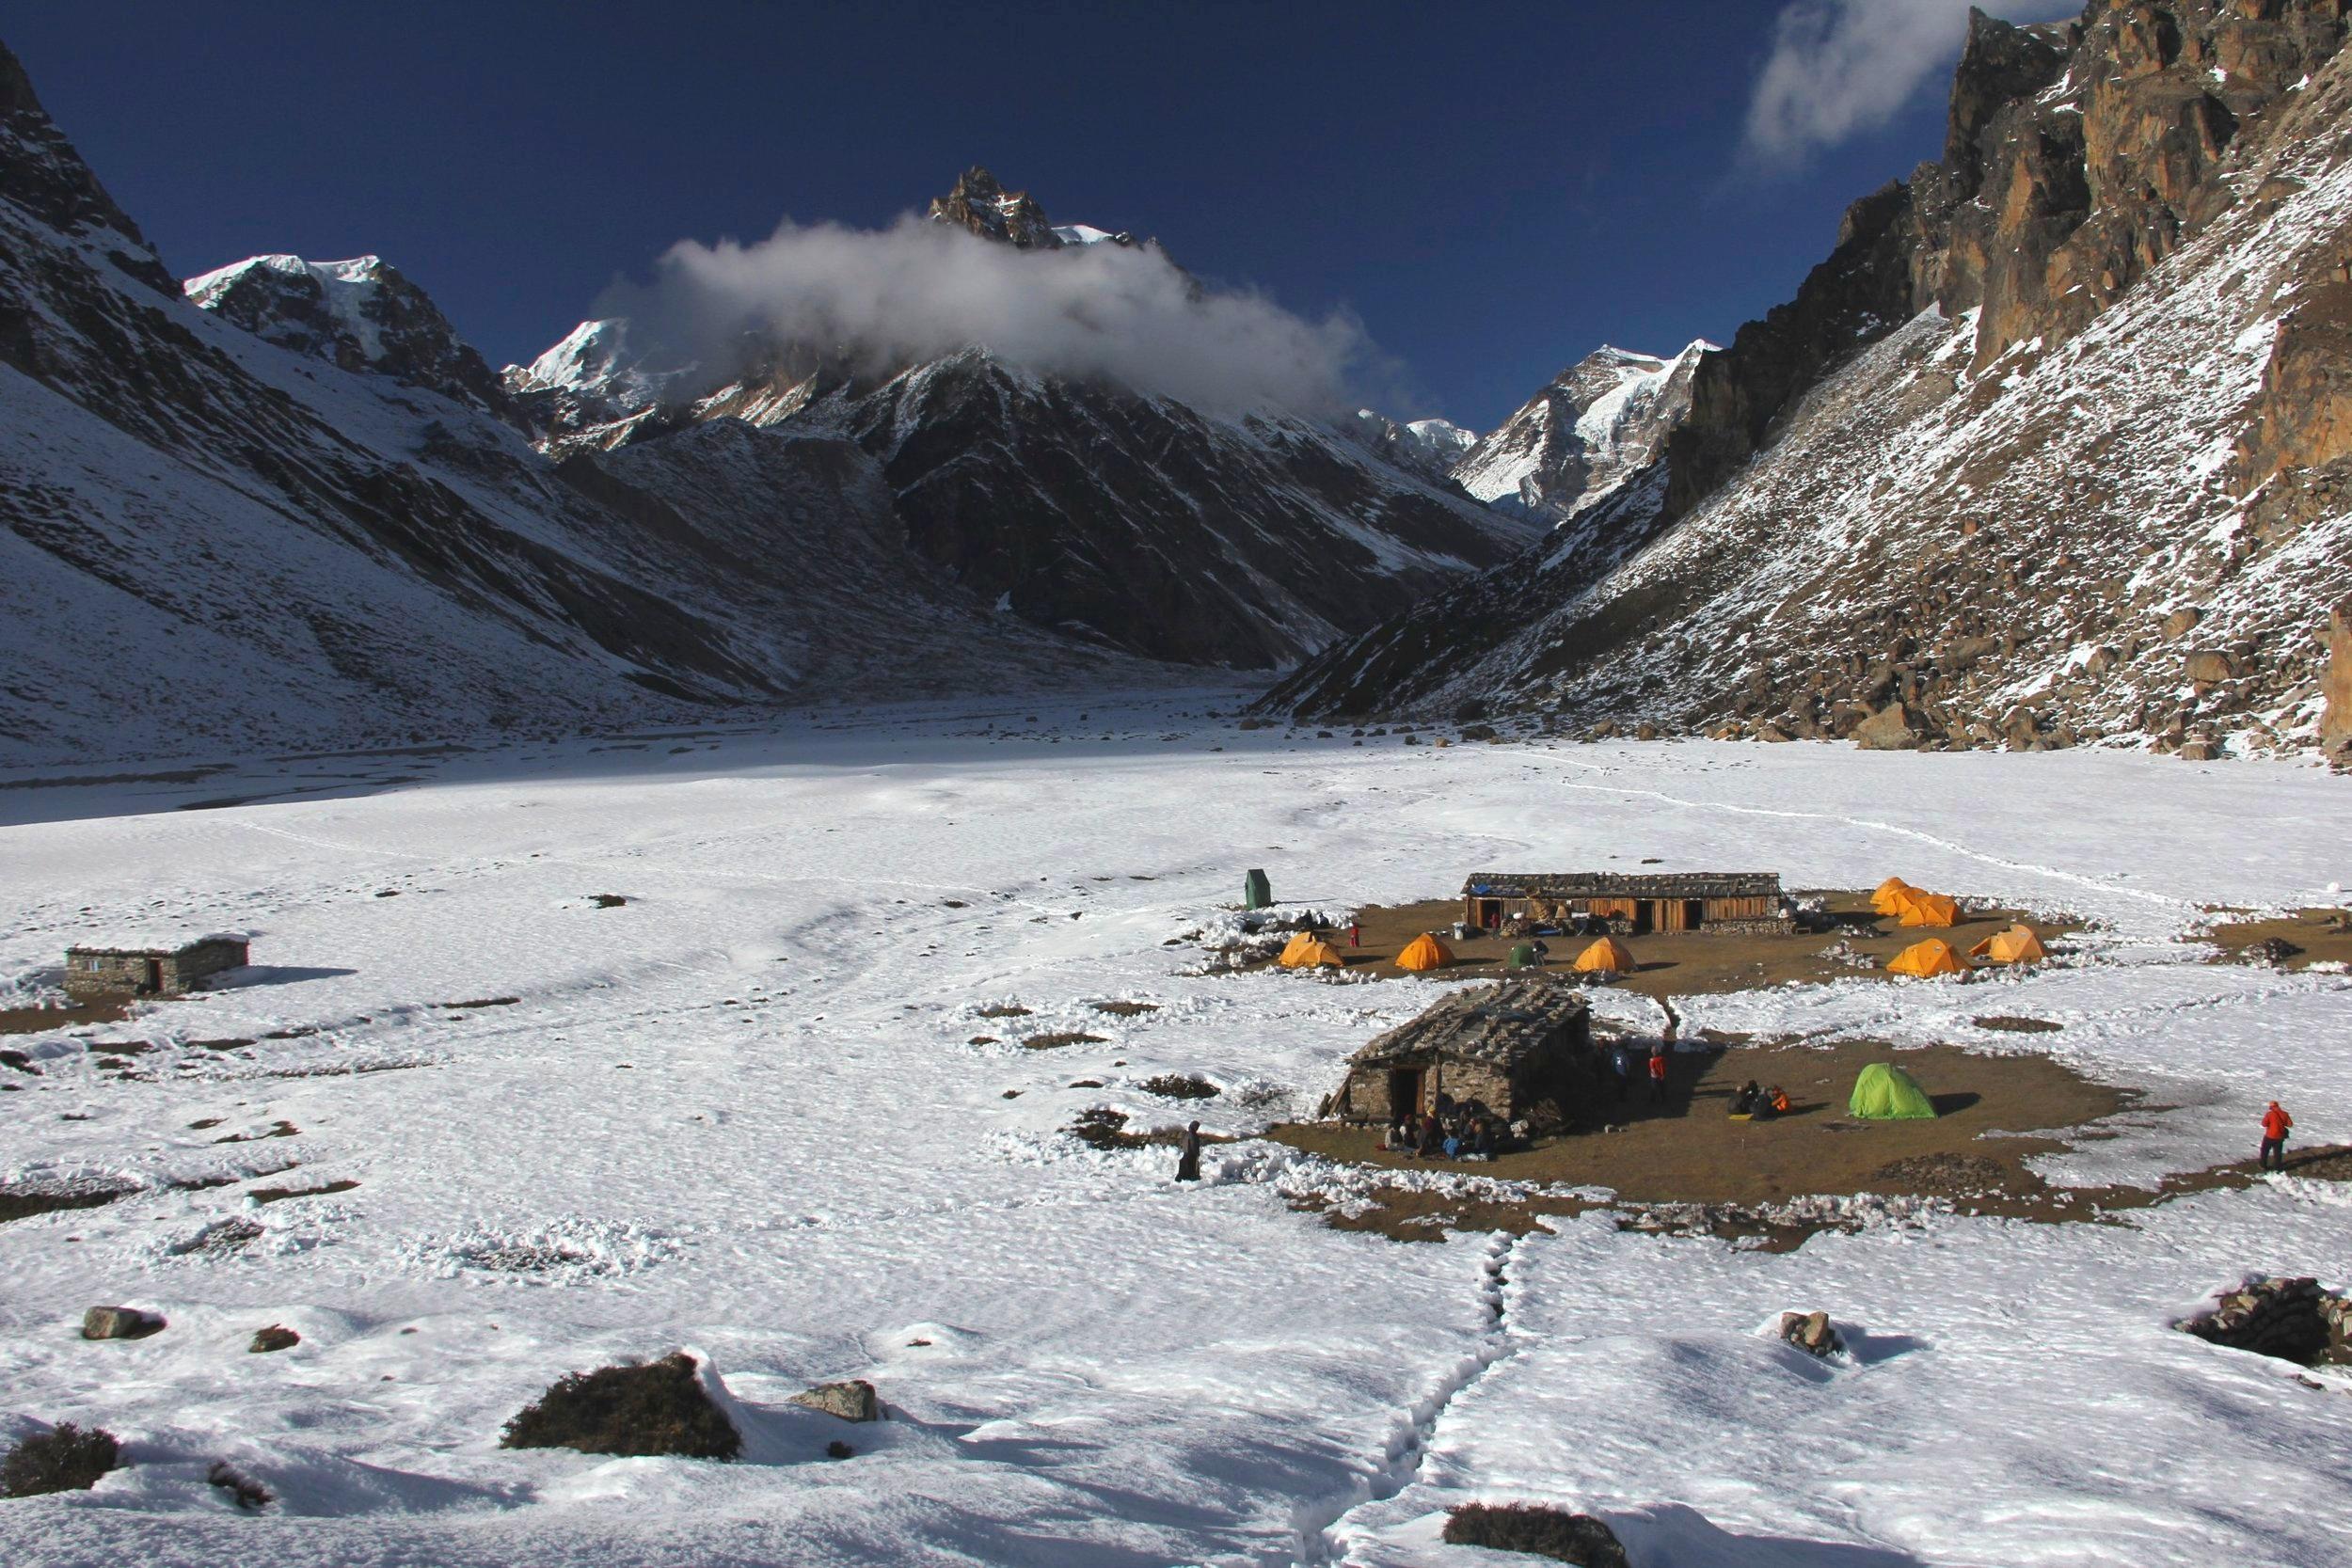 The camp at Lhonak